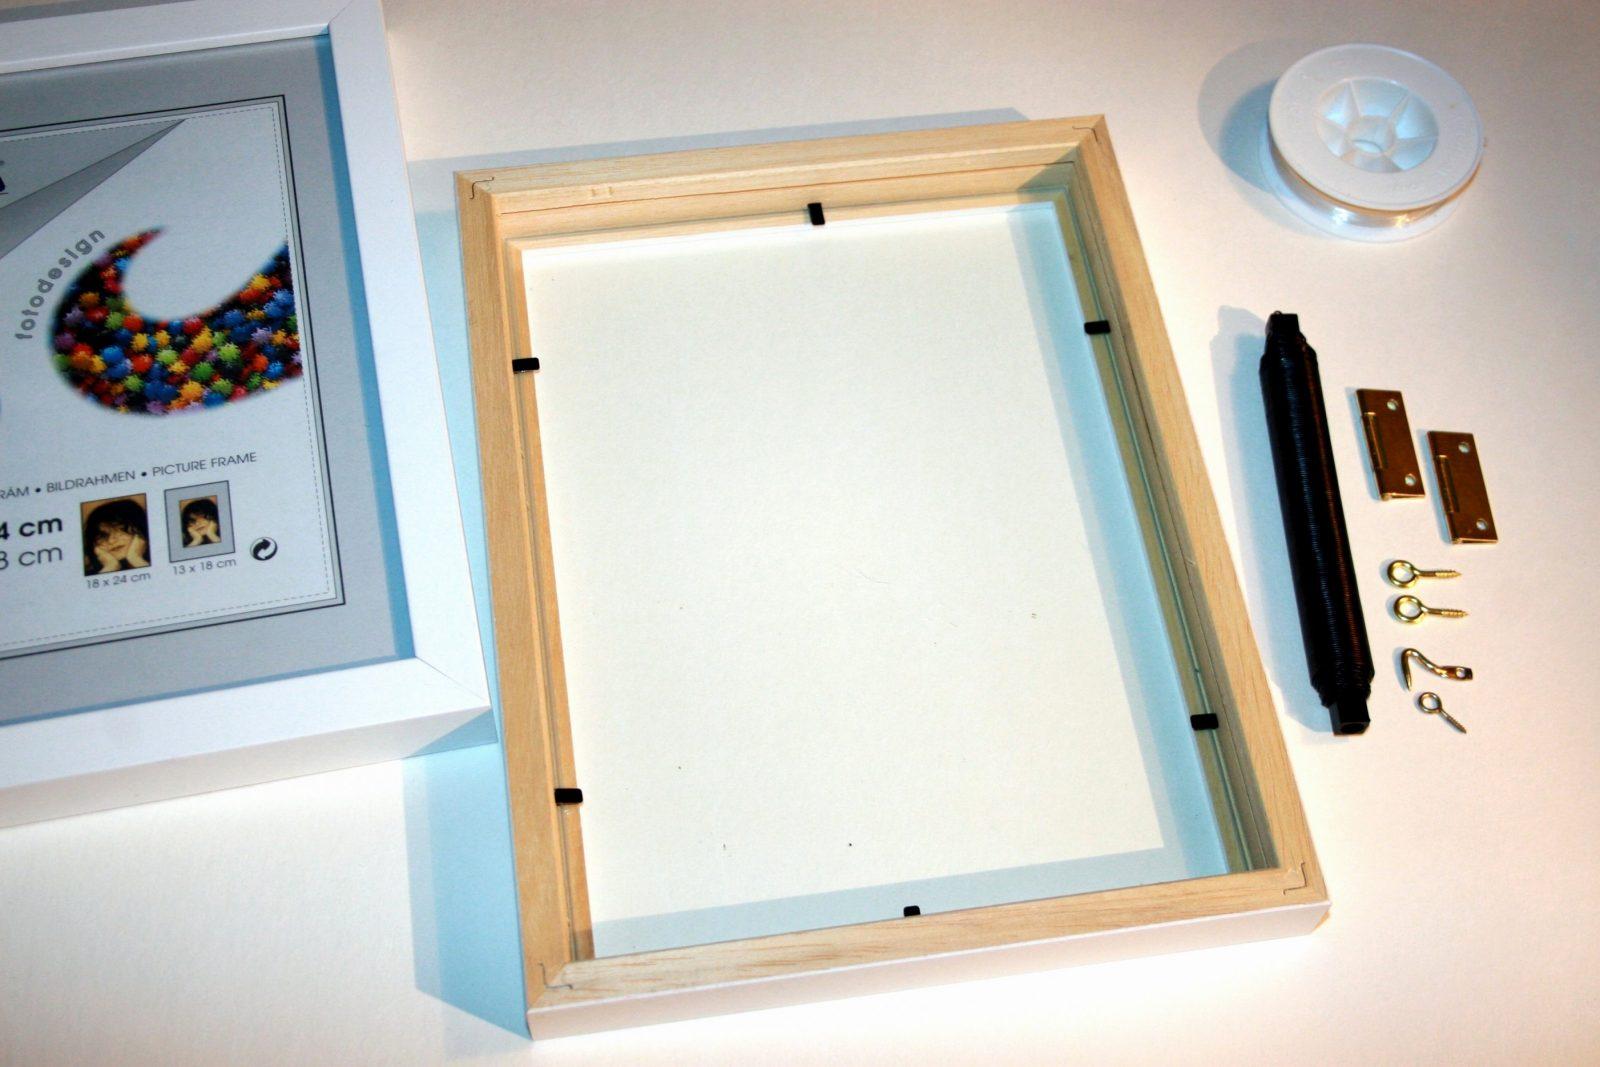 Fotocollage Selber Machen Ideen Einzigartig Fotocollage Auf Leinwand von Bild Auf Leinwand Selber Machen Bild